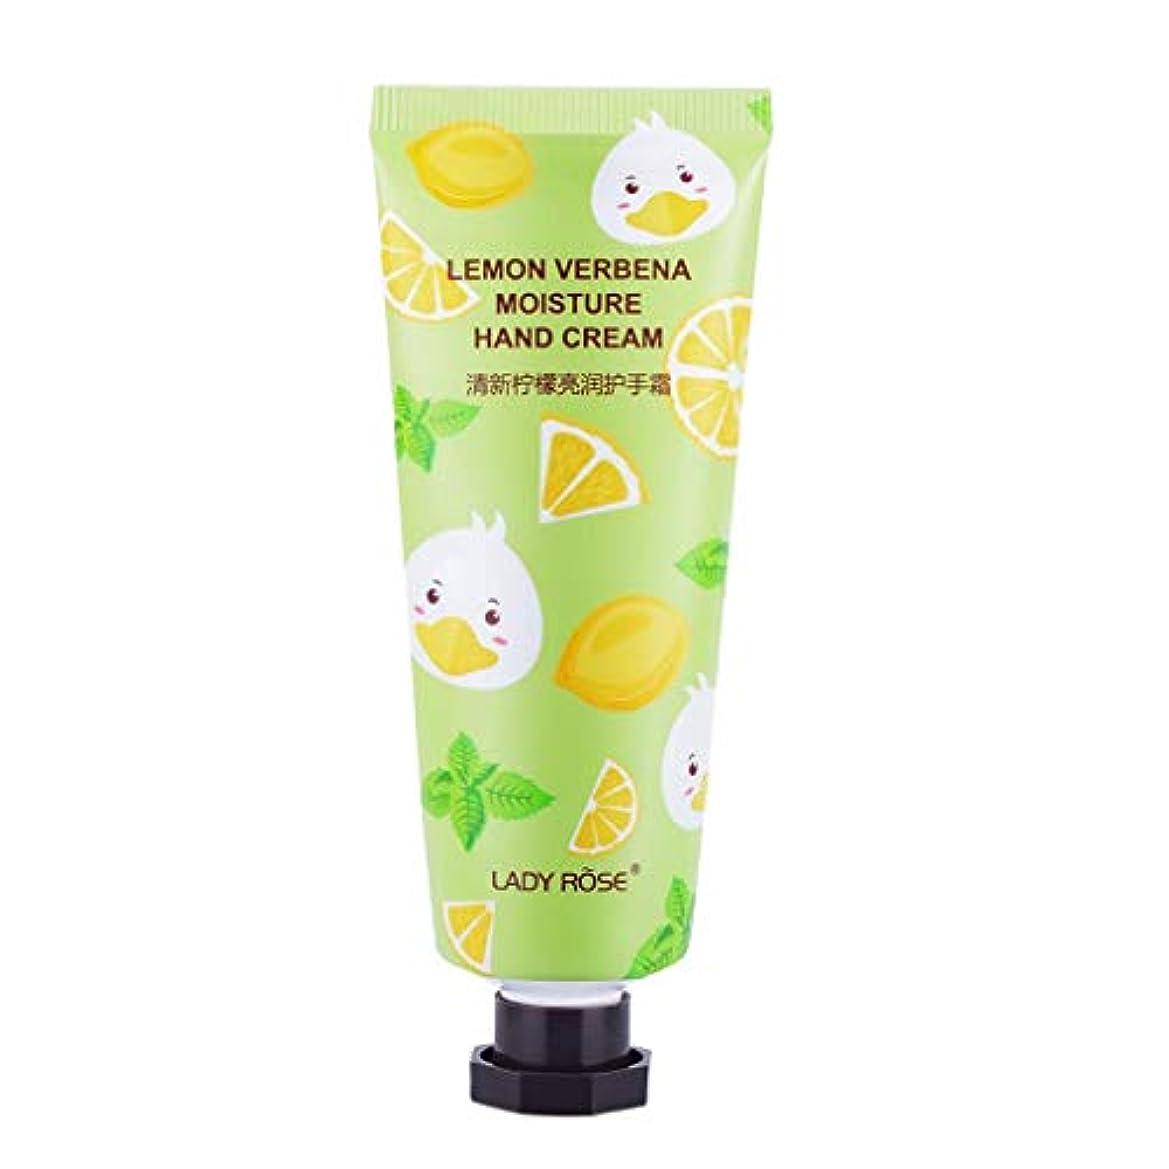 ズームミリメーター気怠いハンドクリーム 乾燥対策 潤い スキンケア 可愛い 香り 保湿クリーム ローション 3タイプ選べ - レモン